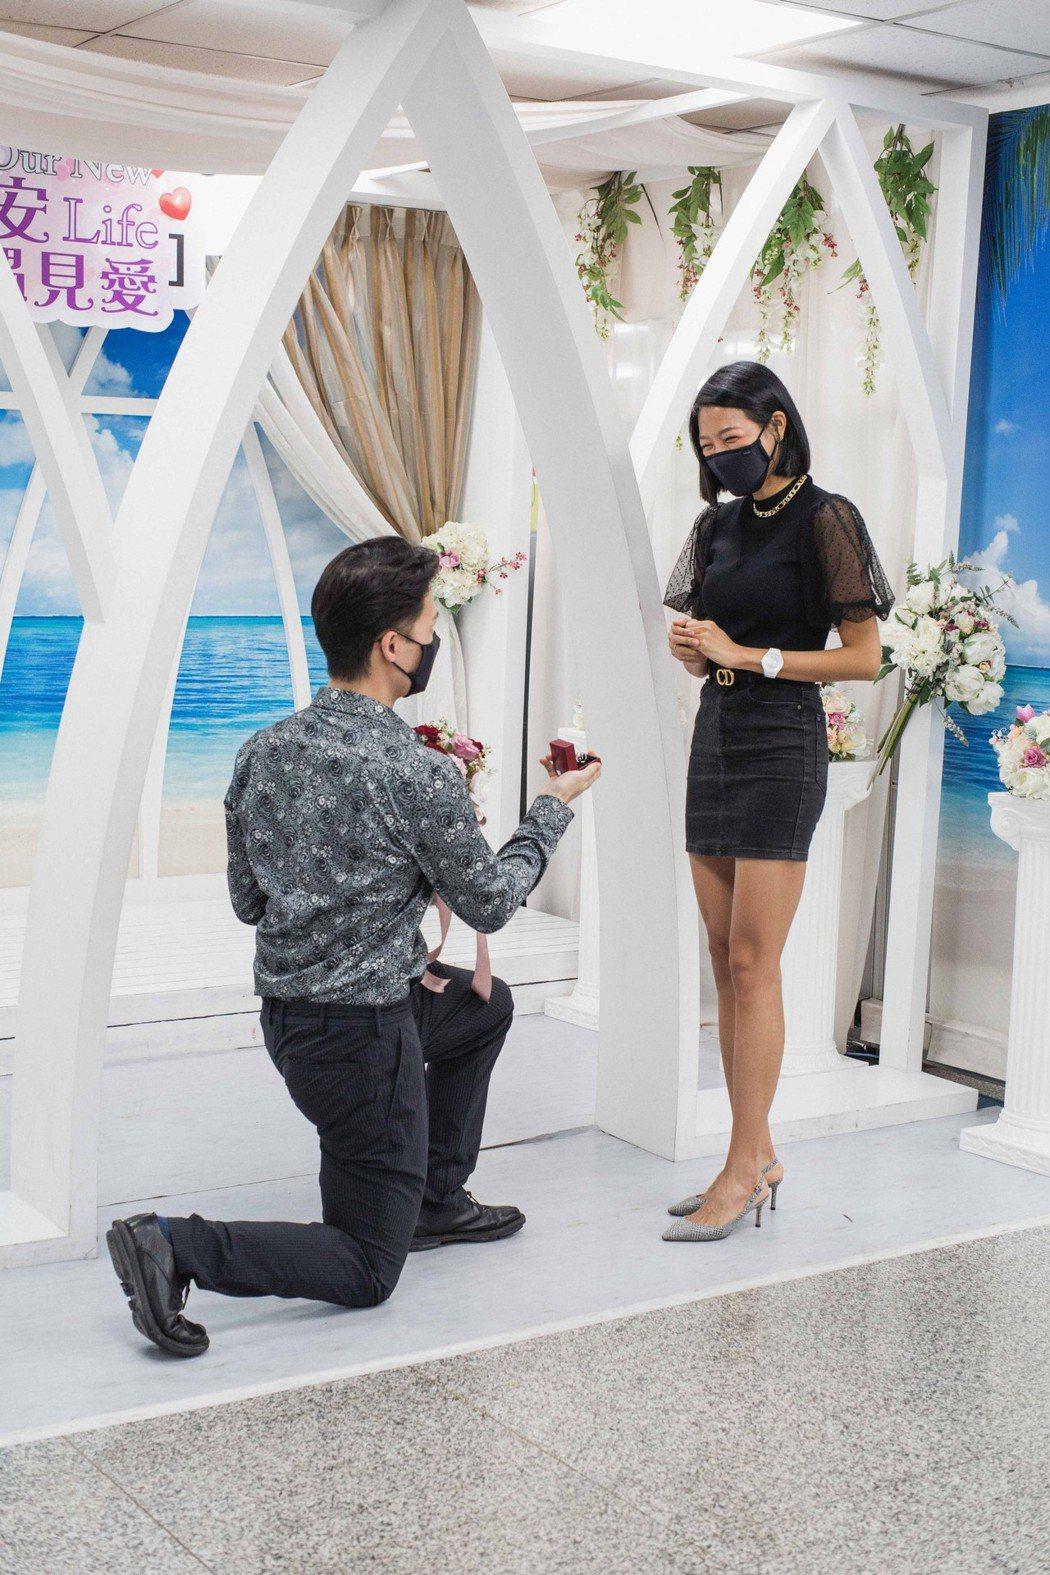 楊昇達(左)暫借沈玉琳的婚戒,現場單膝下跪向若綺求婚。圖/伊林娛樂提供